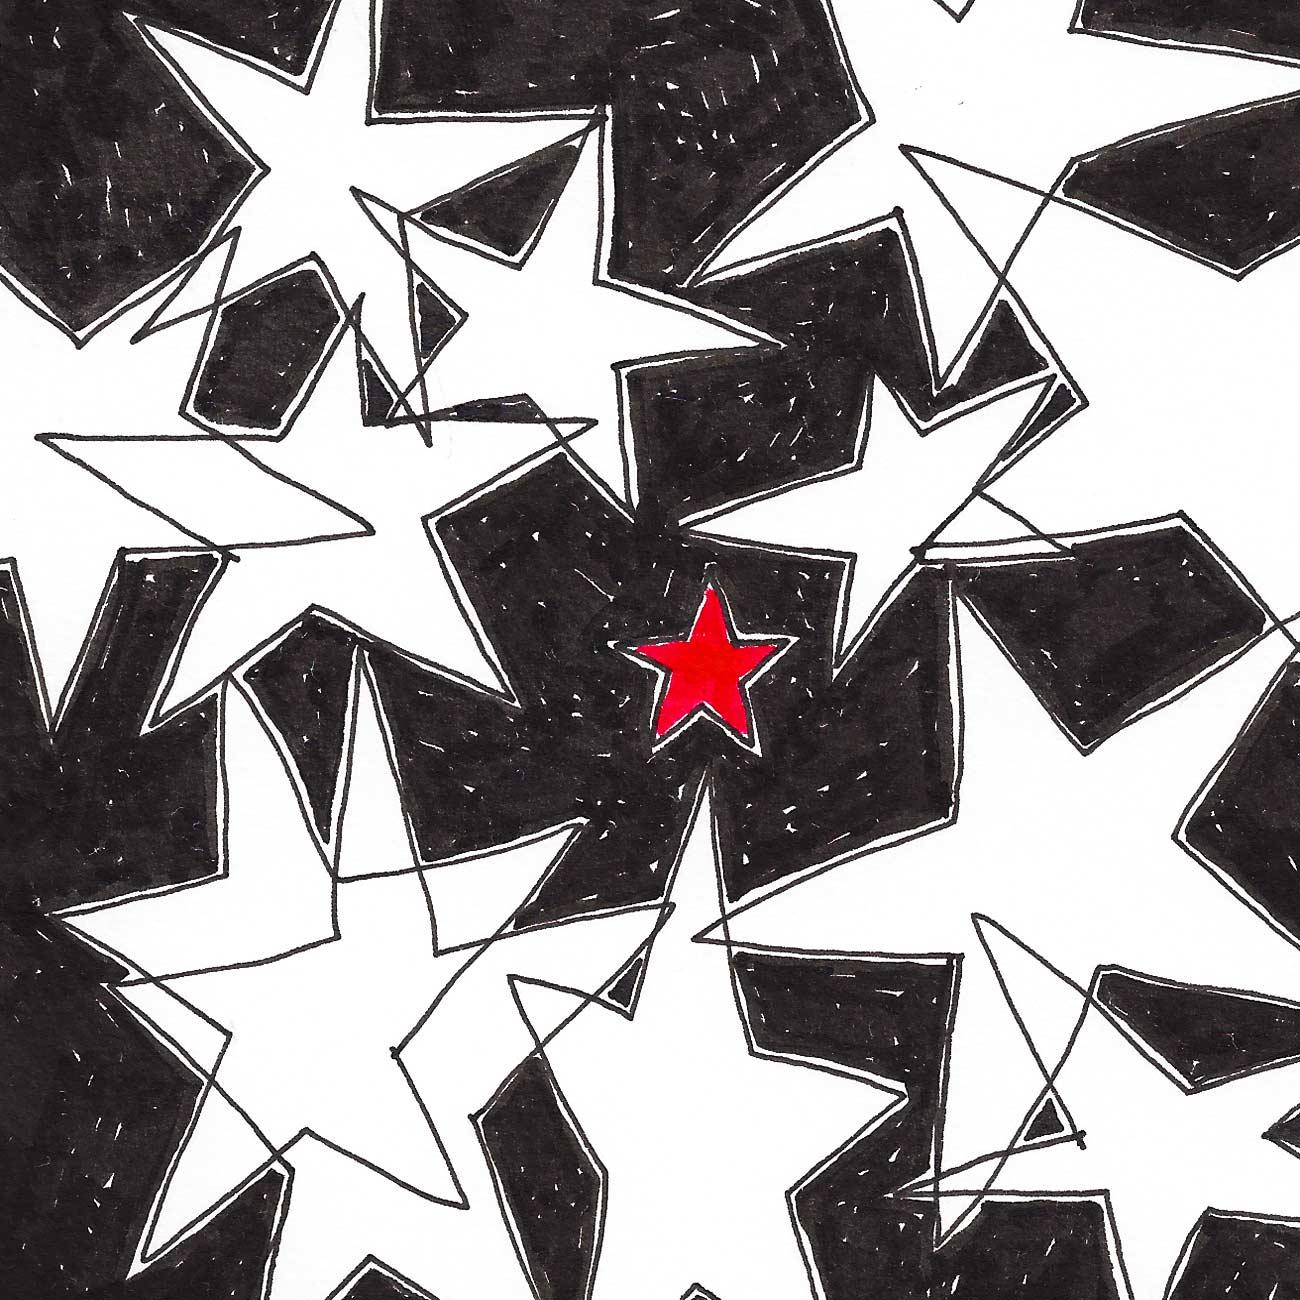 19 dicembre:  ci sono stelle, costellazioni, satelliti, stelle cadenti, aeroplani di passaggio... alzando gli occhi al cielo notturno sono molti gli elementi che si possono osservare. Uno sguardo più attento può però intravvedere sul soffitto della notte anche i sogni, i ricordi, le speranze, i desideri, le domande, le richieste, e i pensieri di chi ha deciso di attaccarli su lì, come piccoli post-it. Ma c'è una stella che è visibile solo agli occhi di chi la prova ed è la stella rossa quella che, quando si realizza, a vederla sono in due.